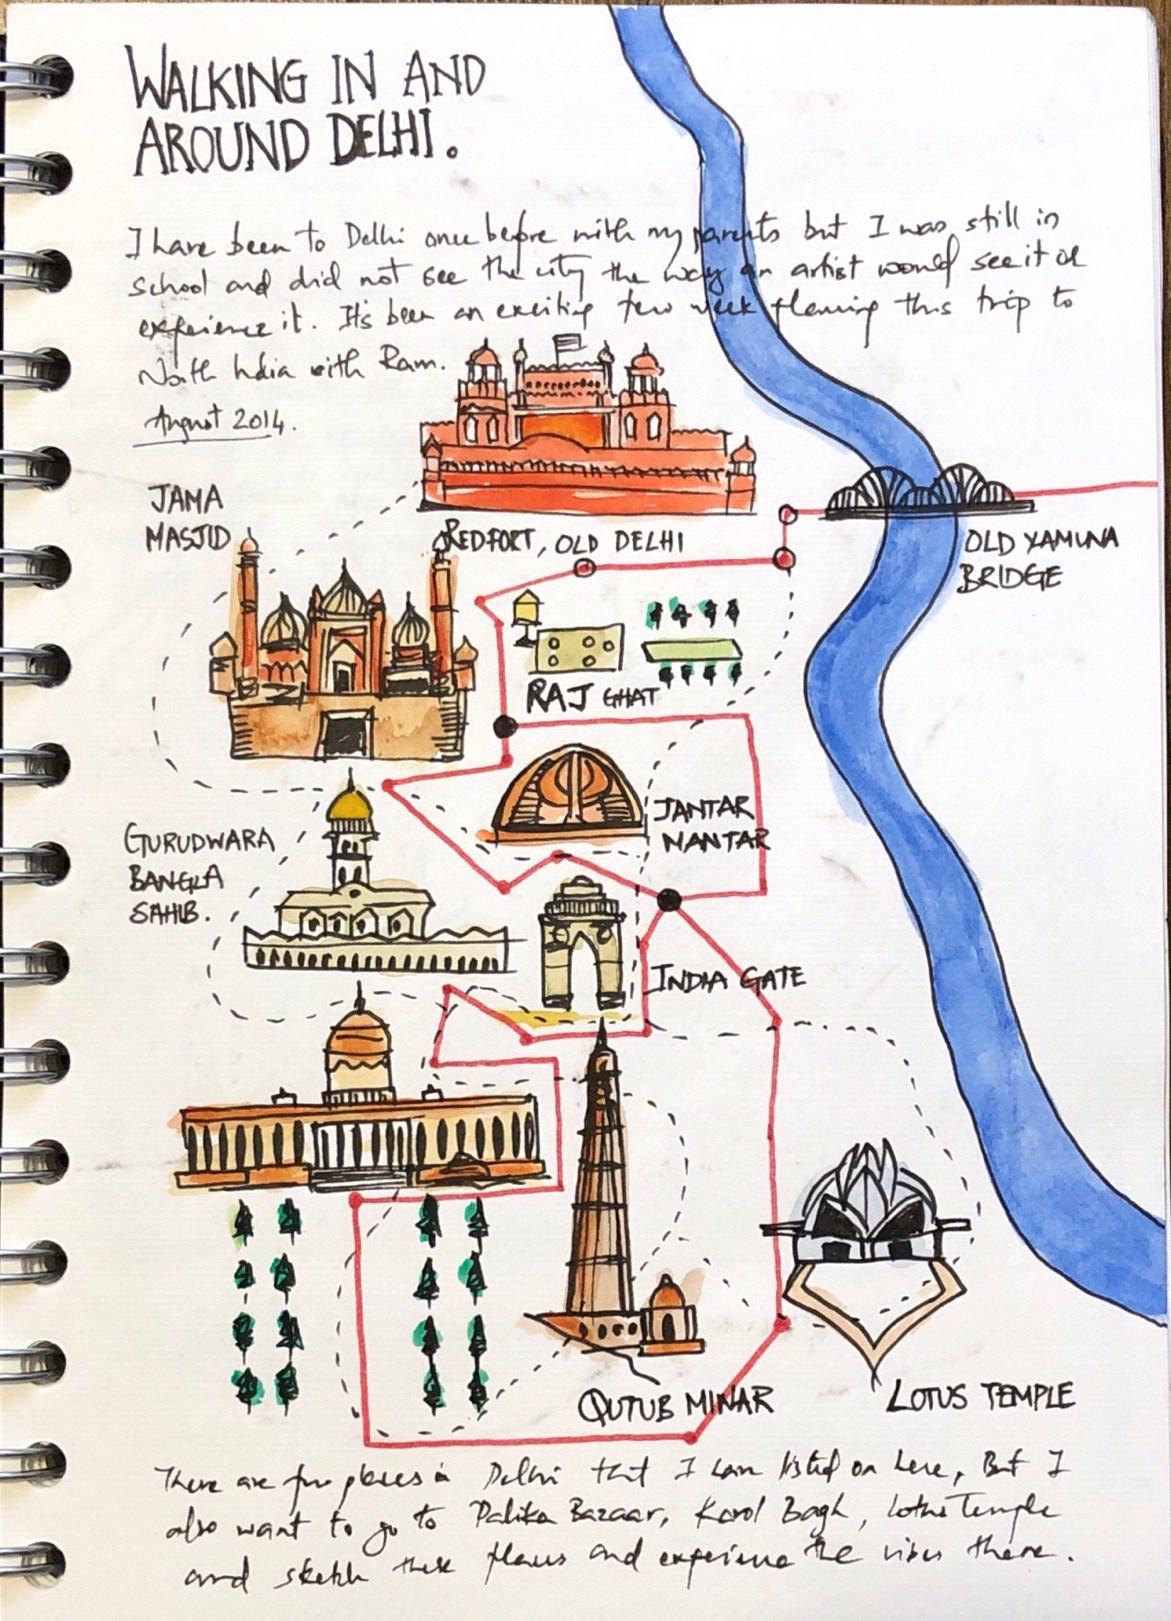 Walking-around-delhi.jpg